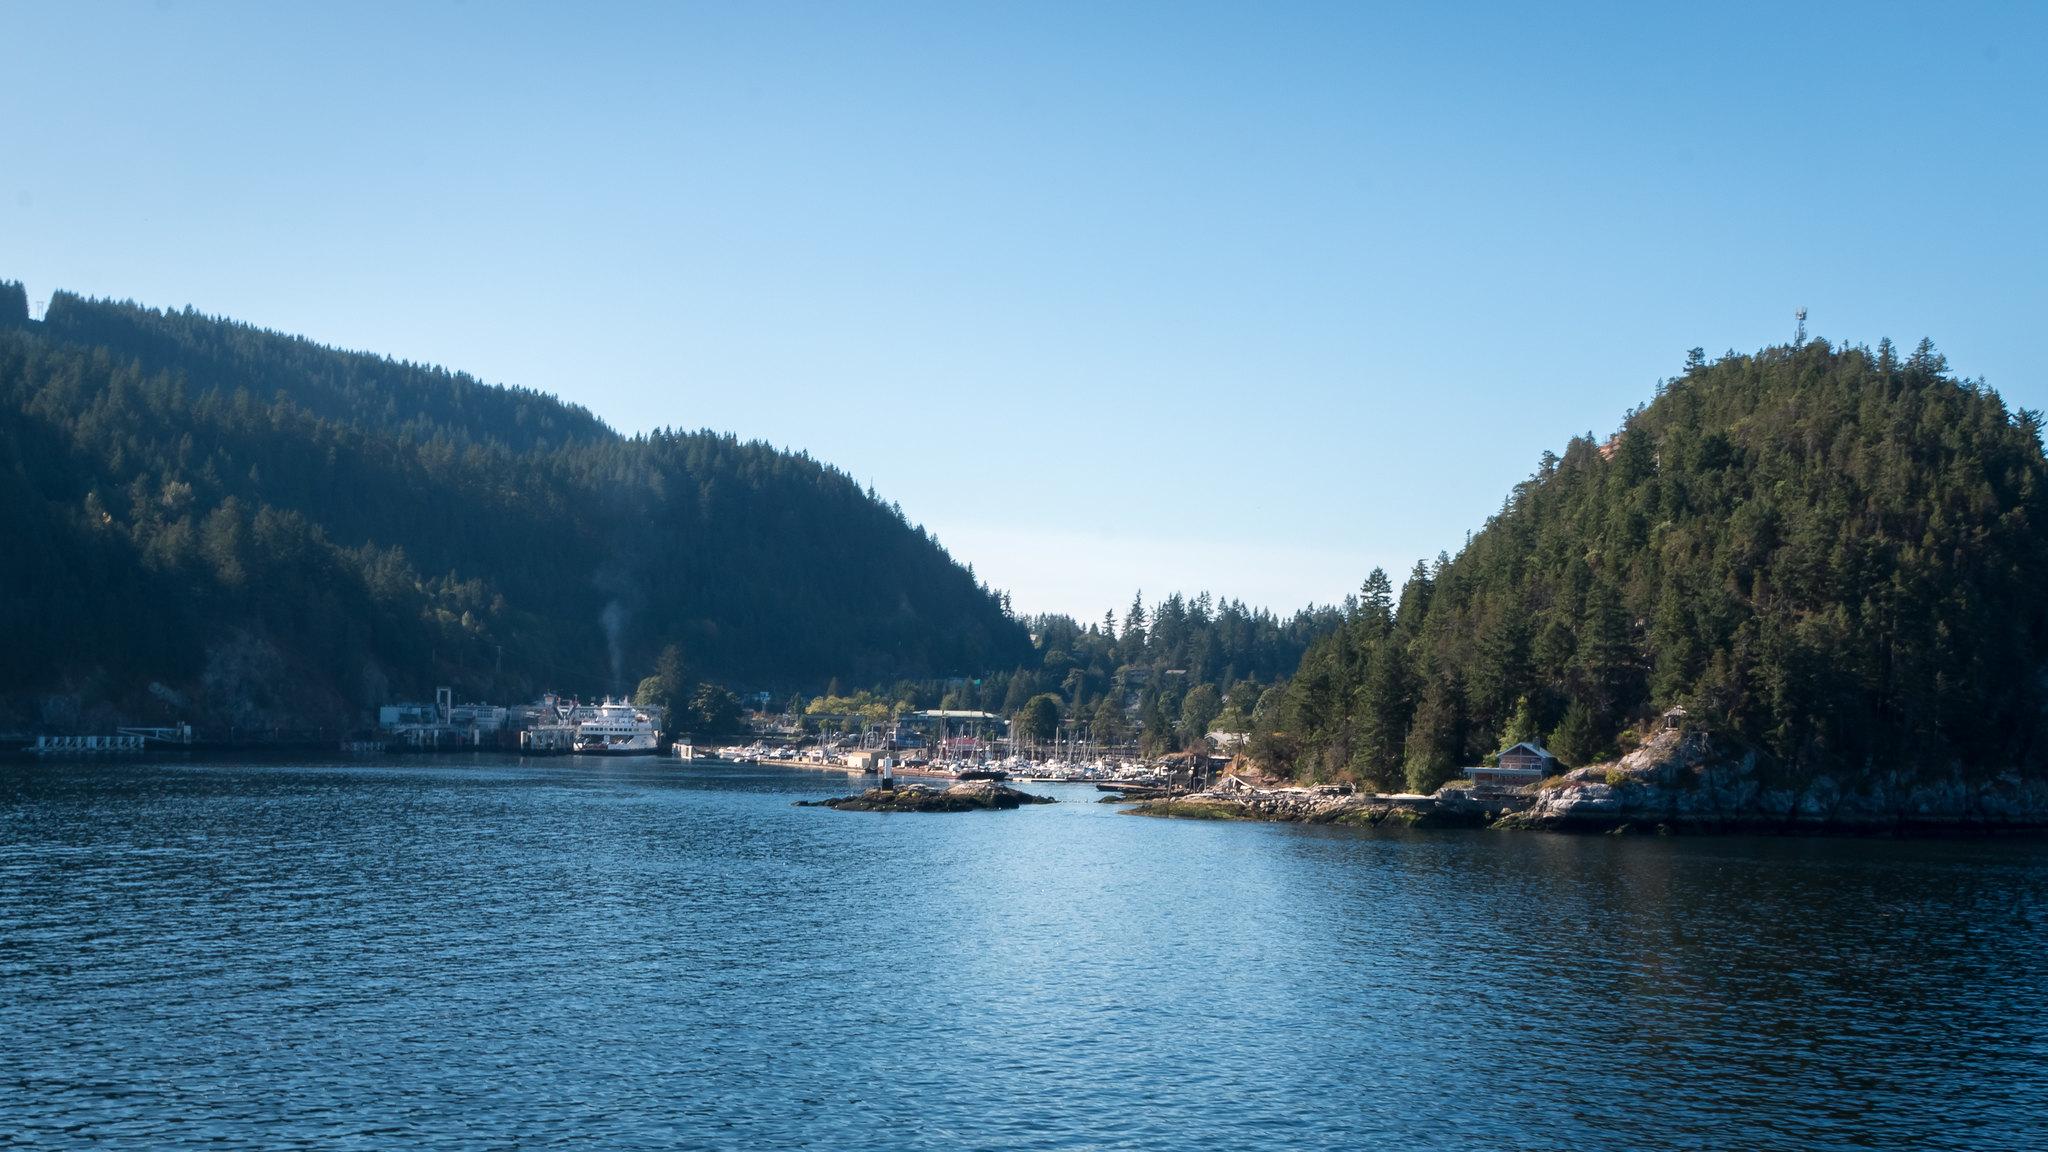 Horseshoe Bay - Colombie Britannique - [Canada]